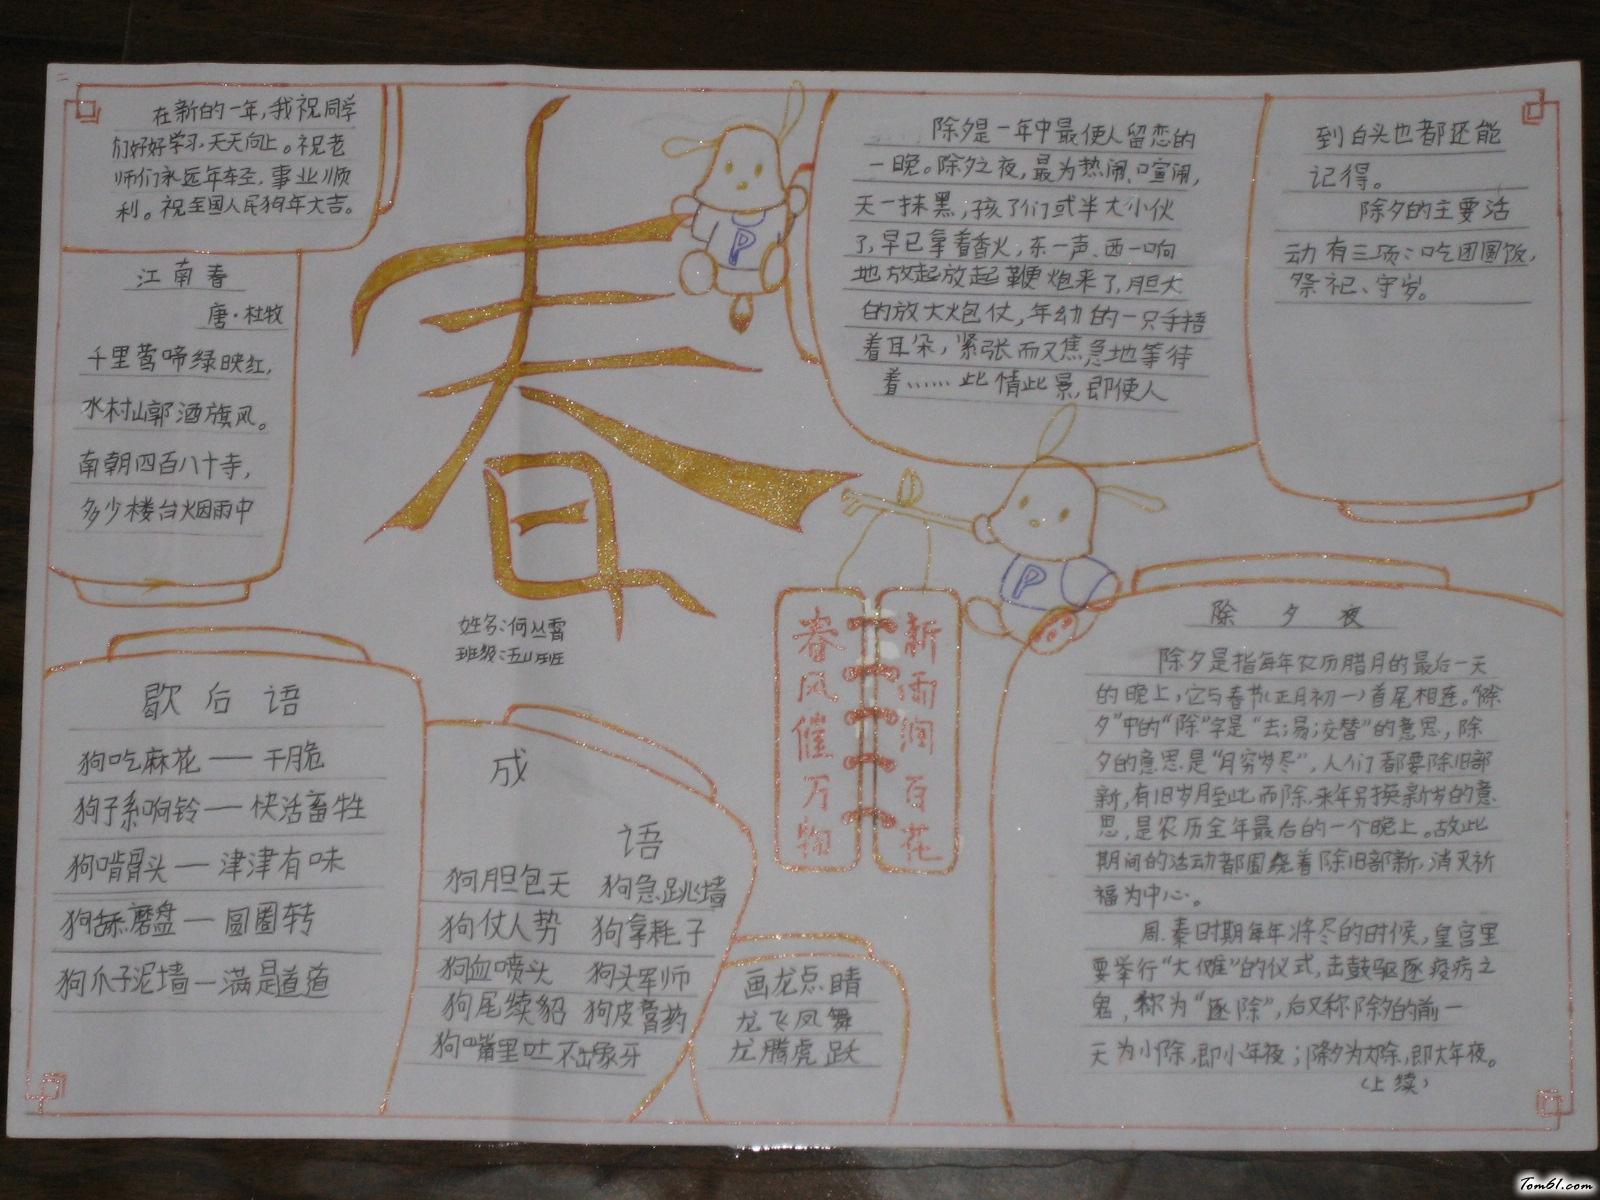 羊年春节手抄报版面设计图7